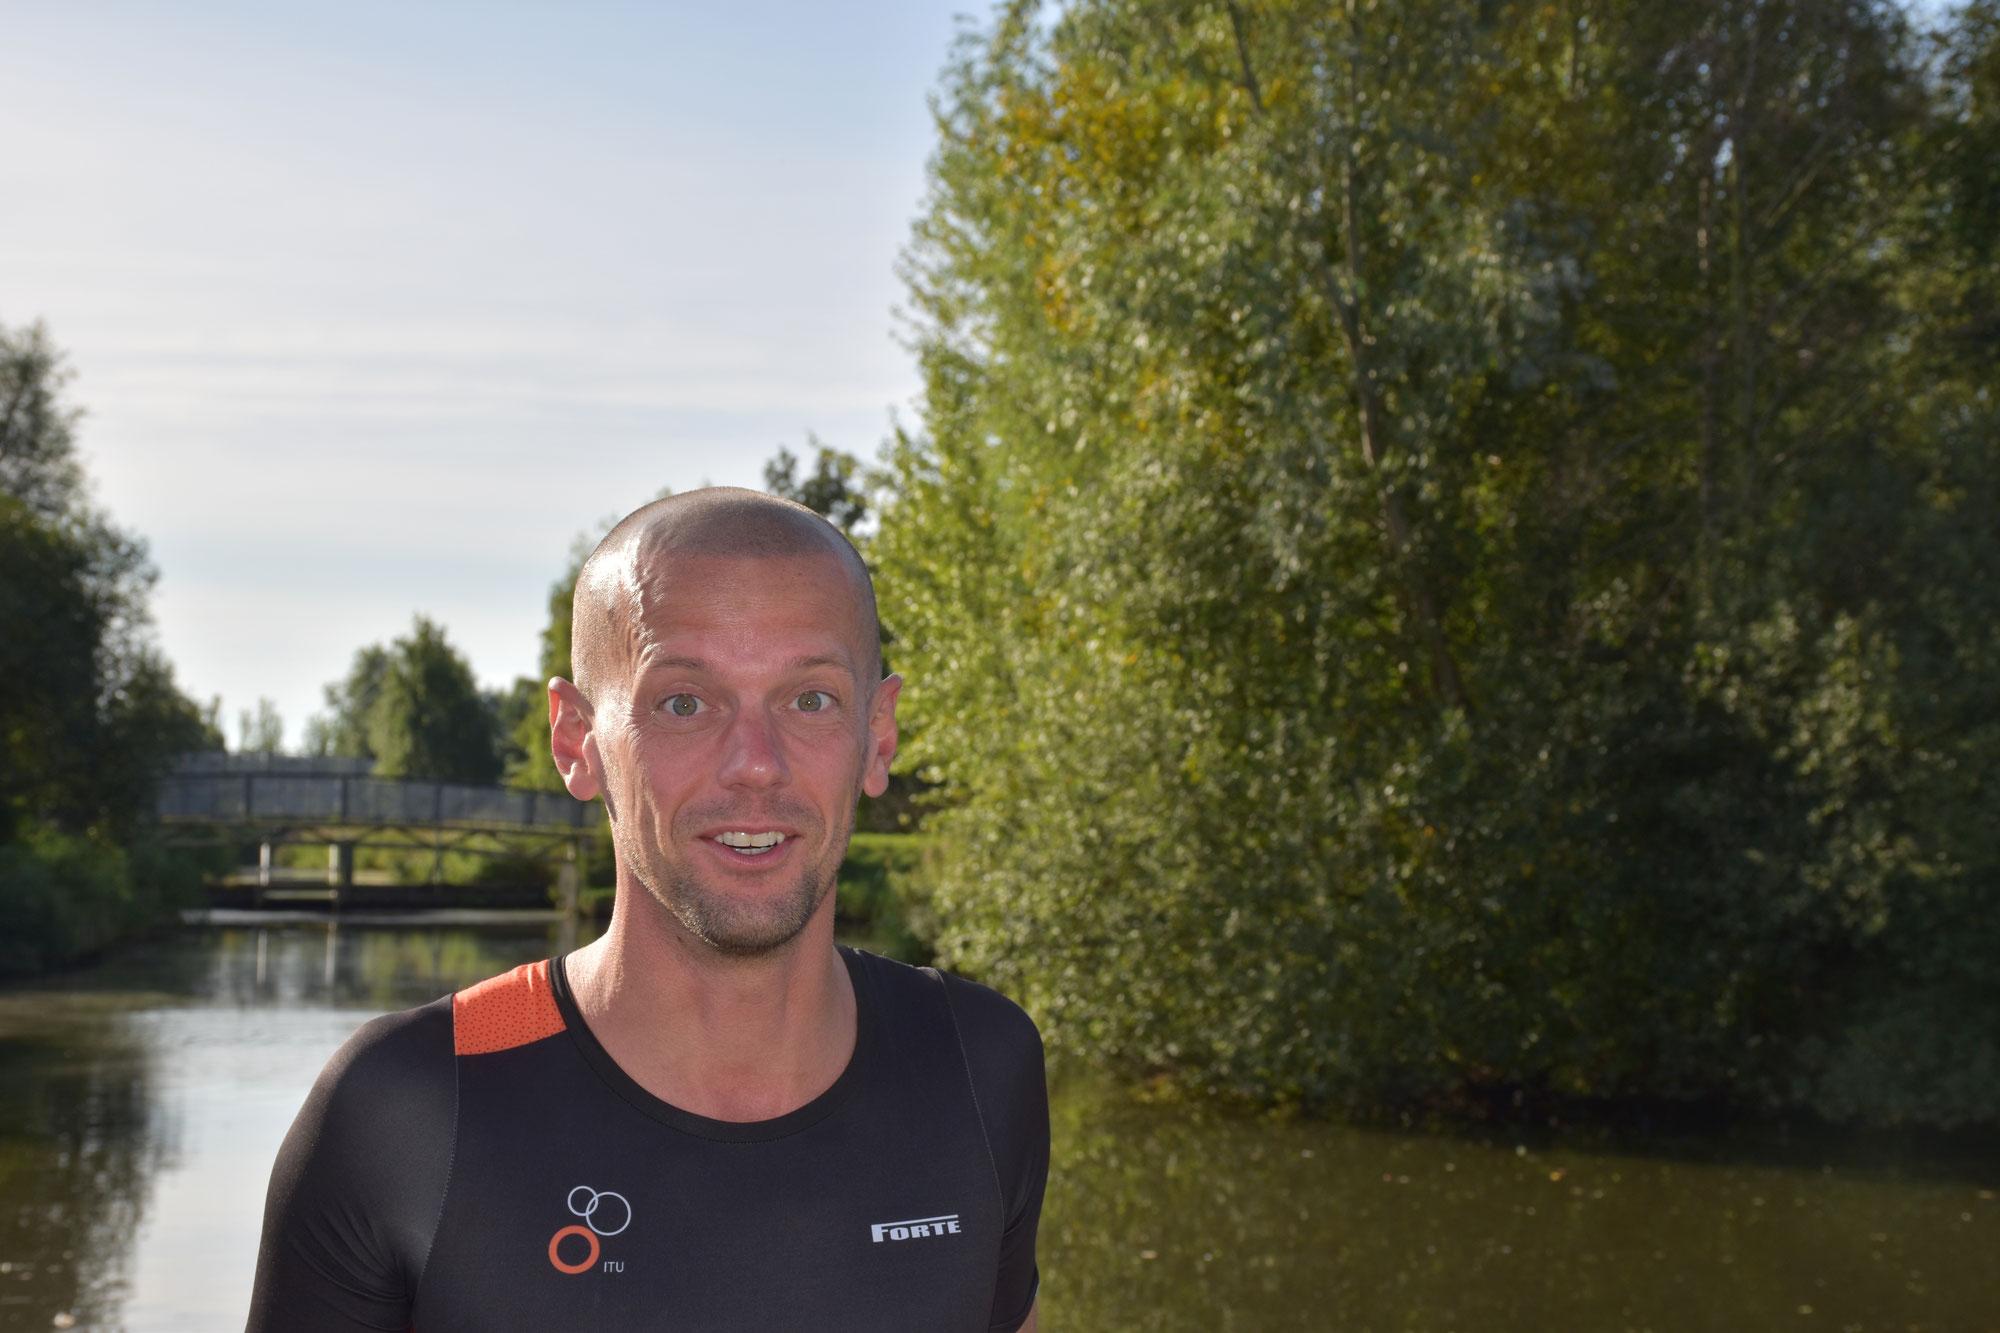 Niels Kerdel stopt voorlopig met triathlon en richt zich op de marathon.